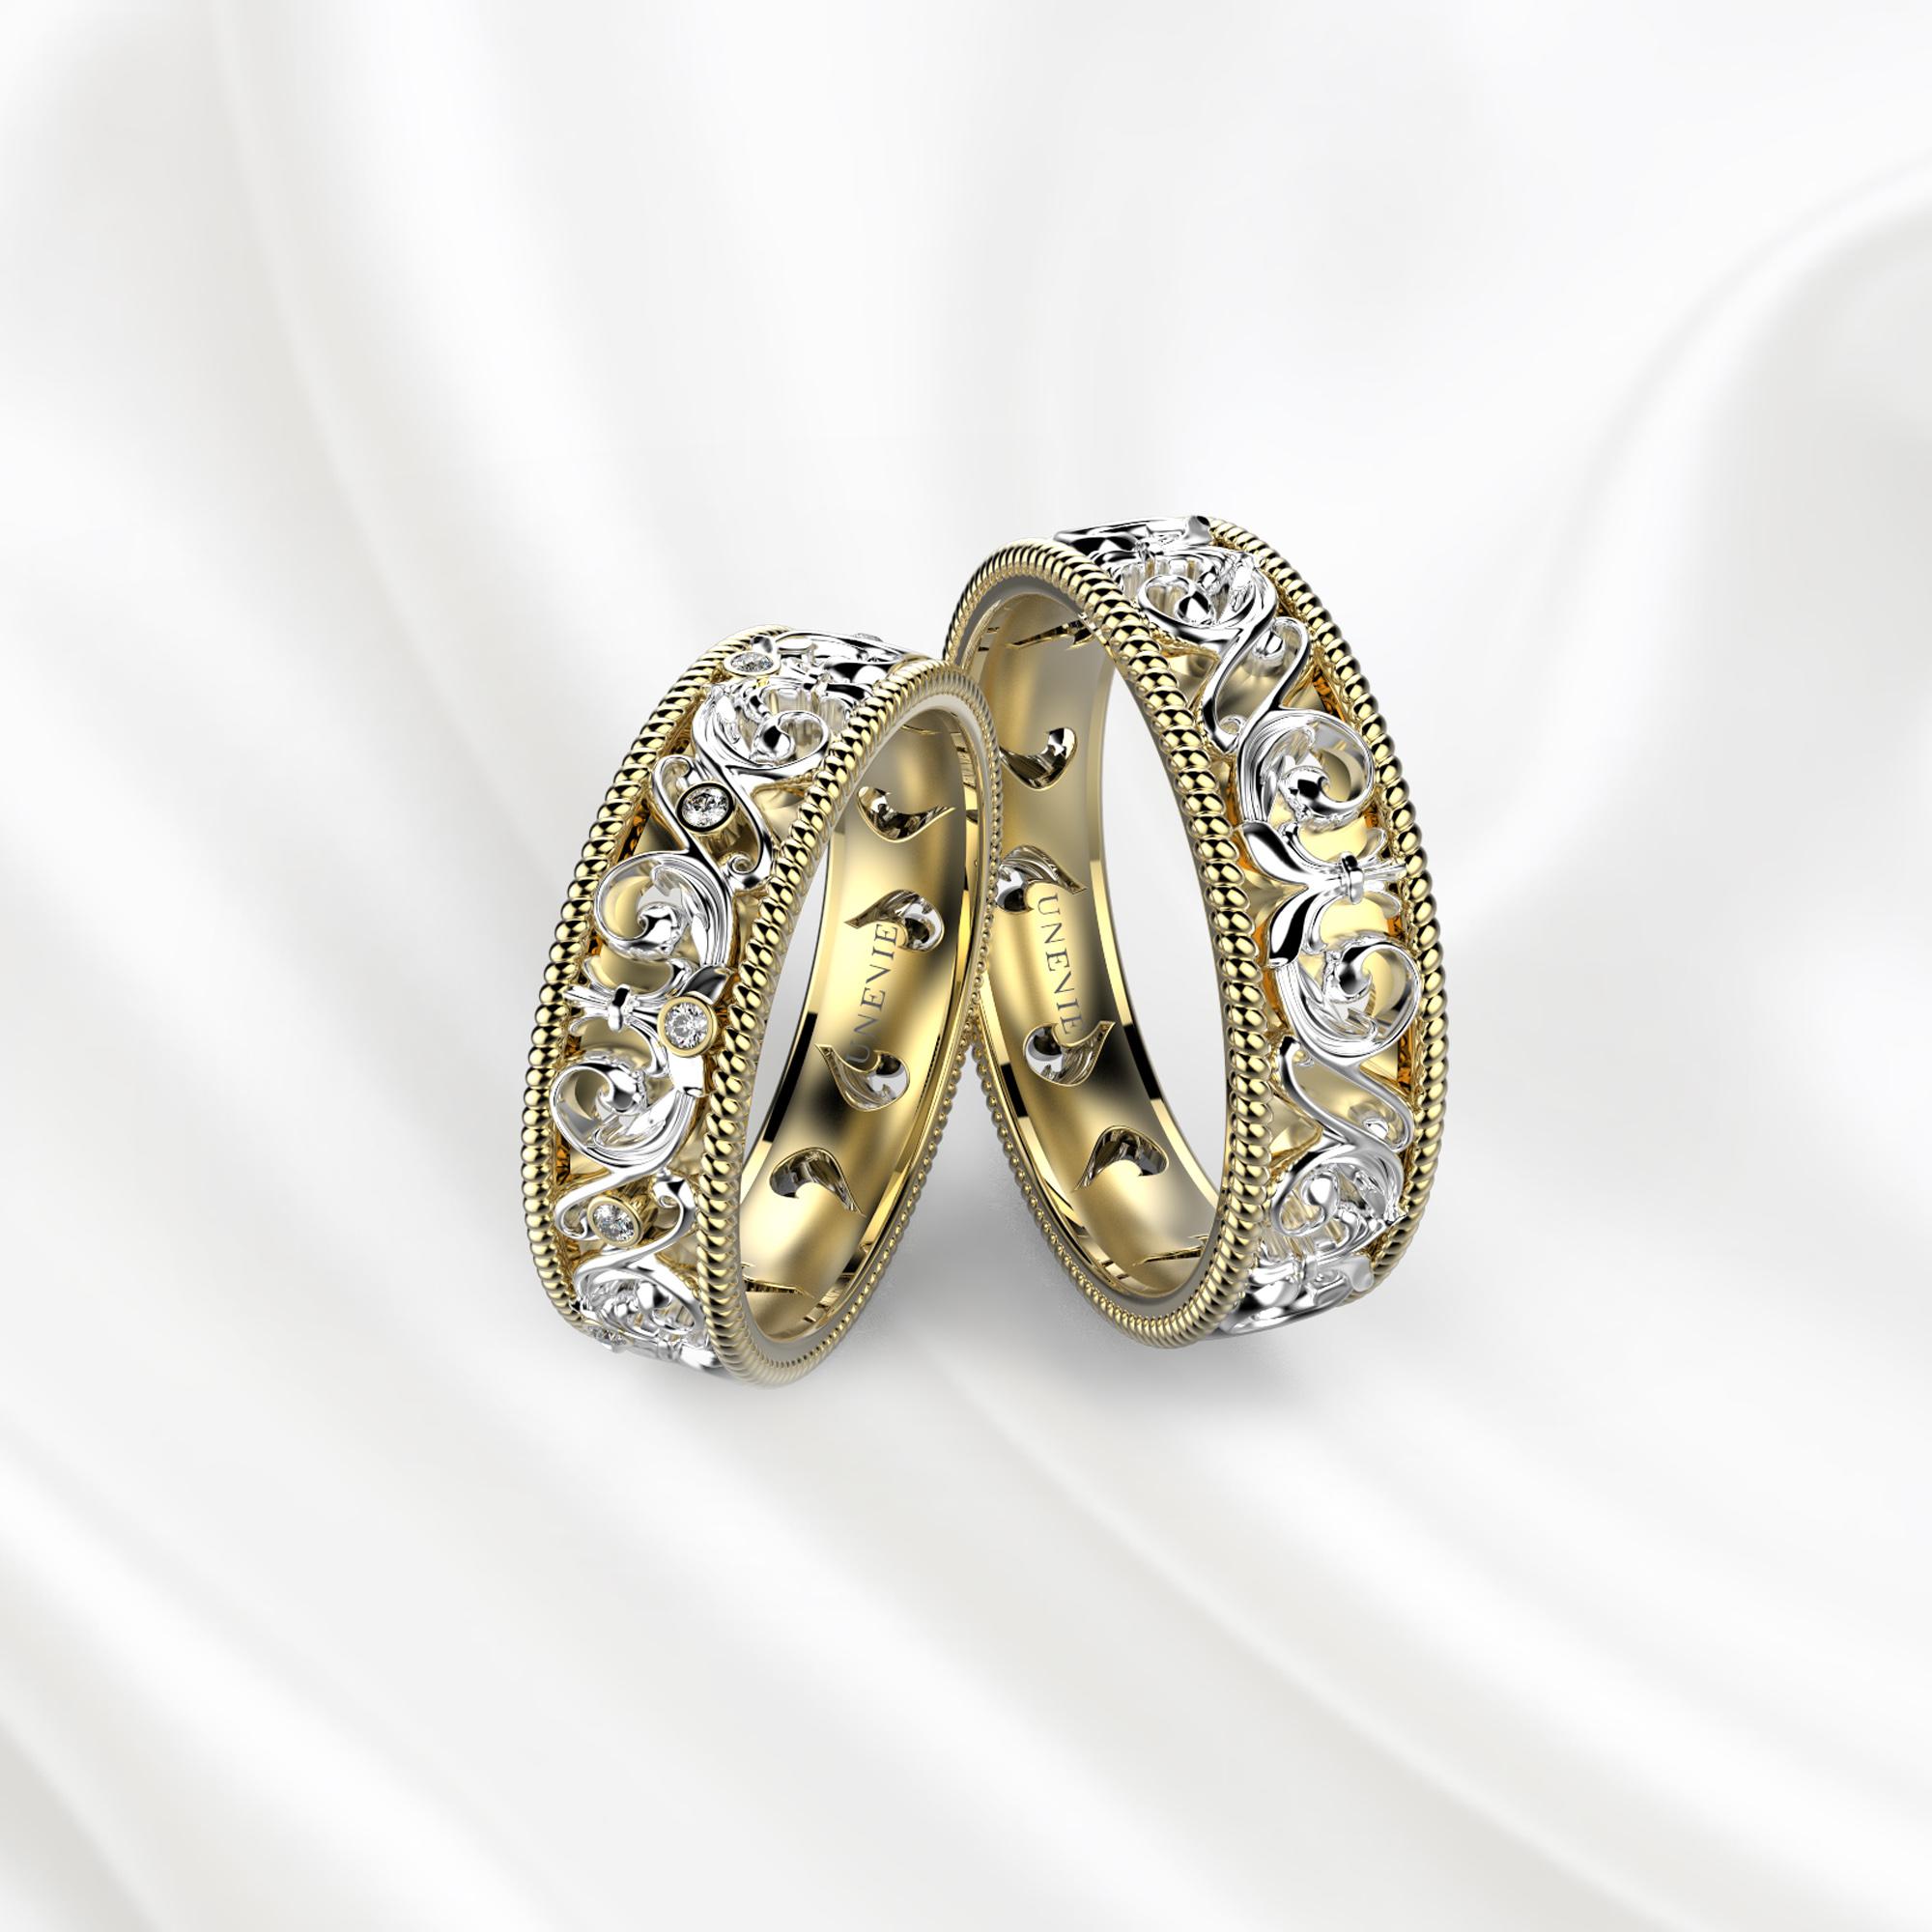 NV28 Обручальные кольца из желто-белого золота с бриллиантами